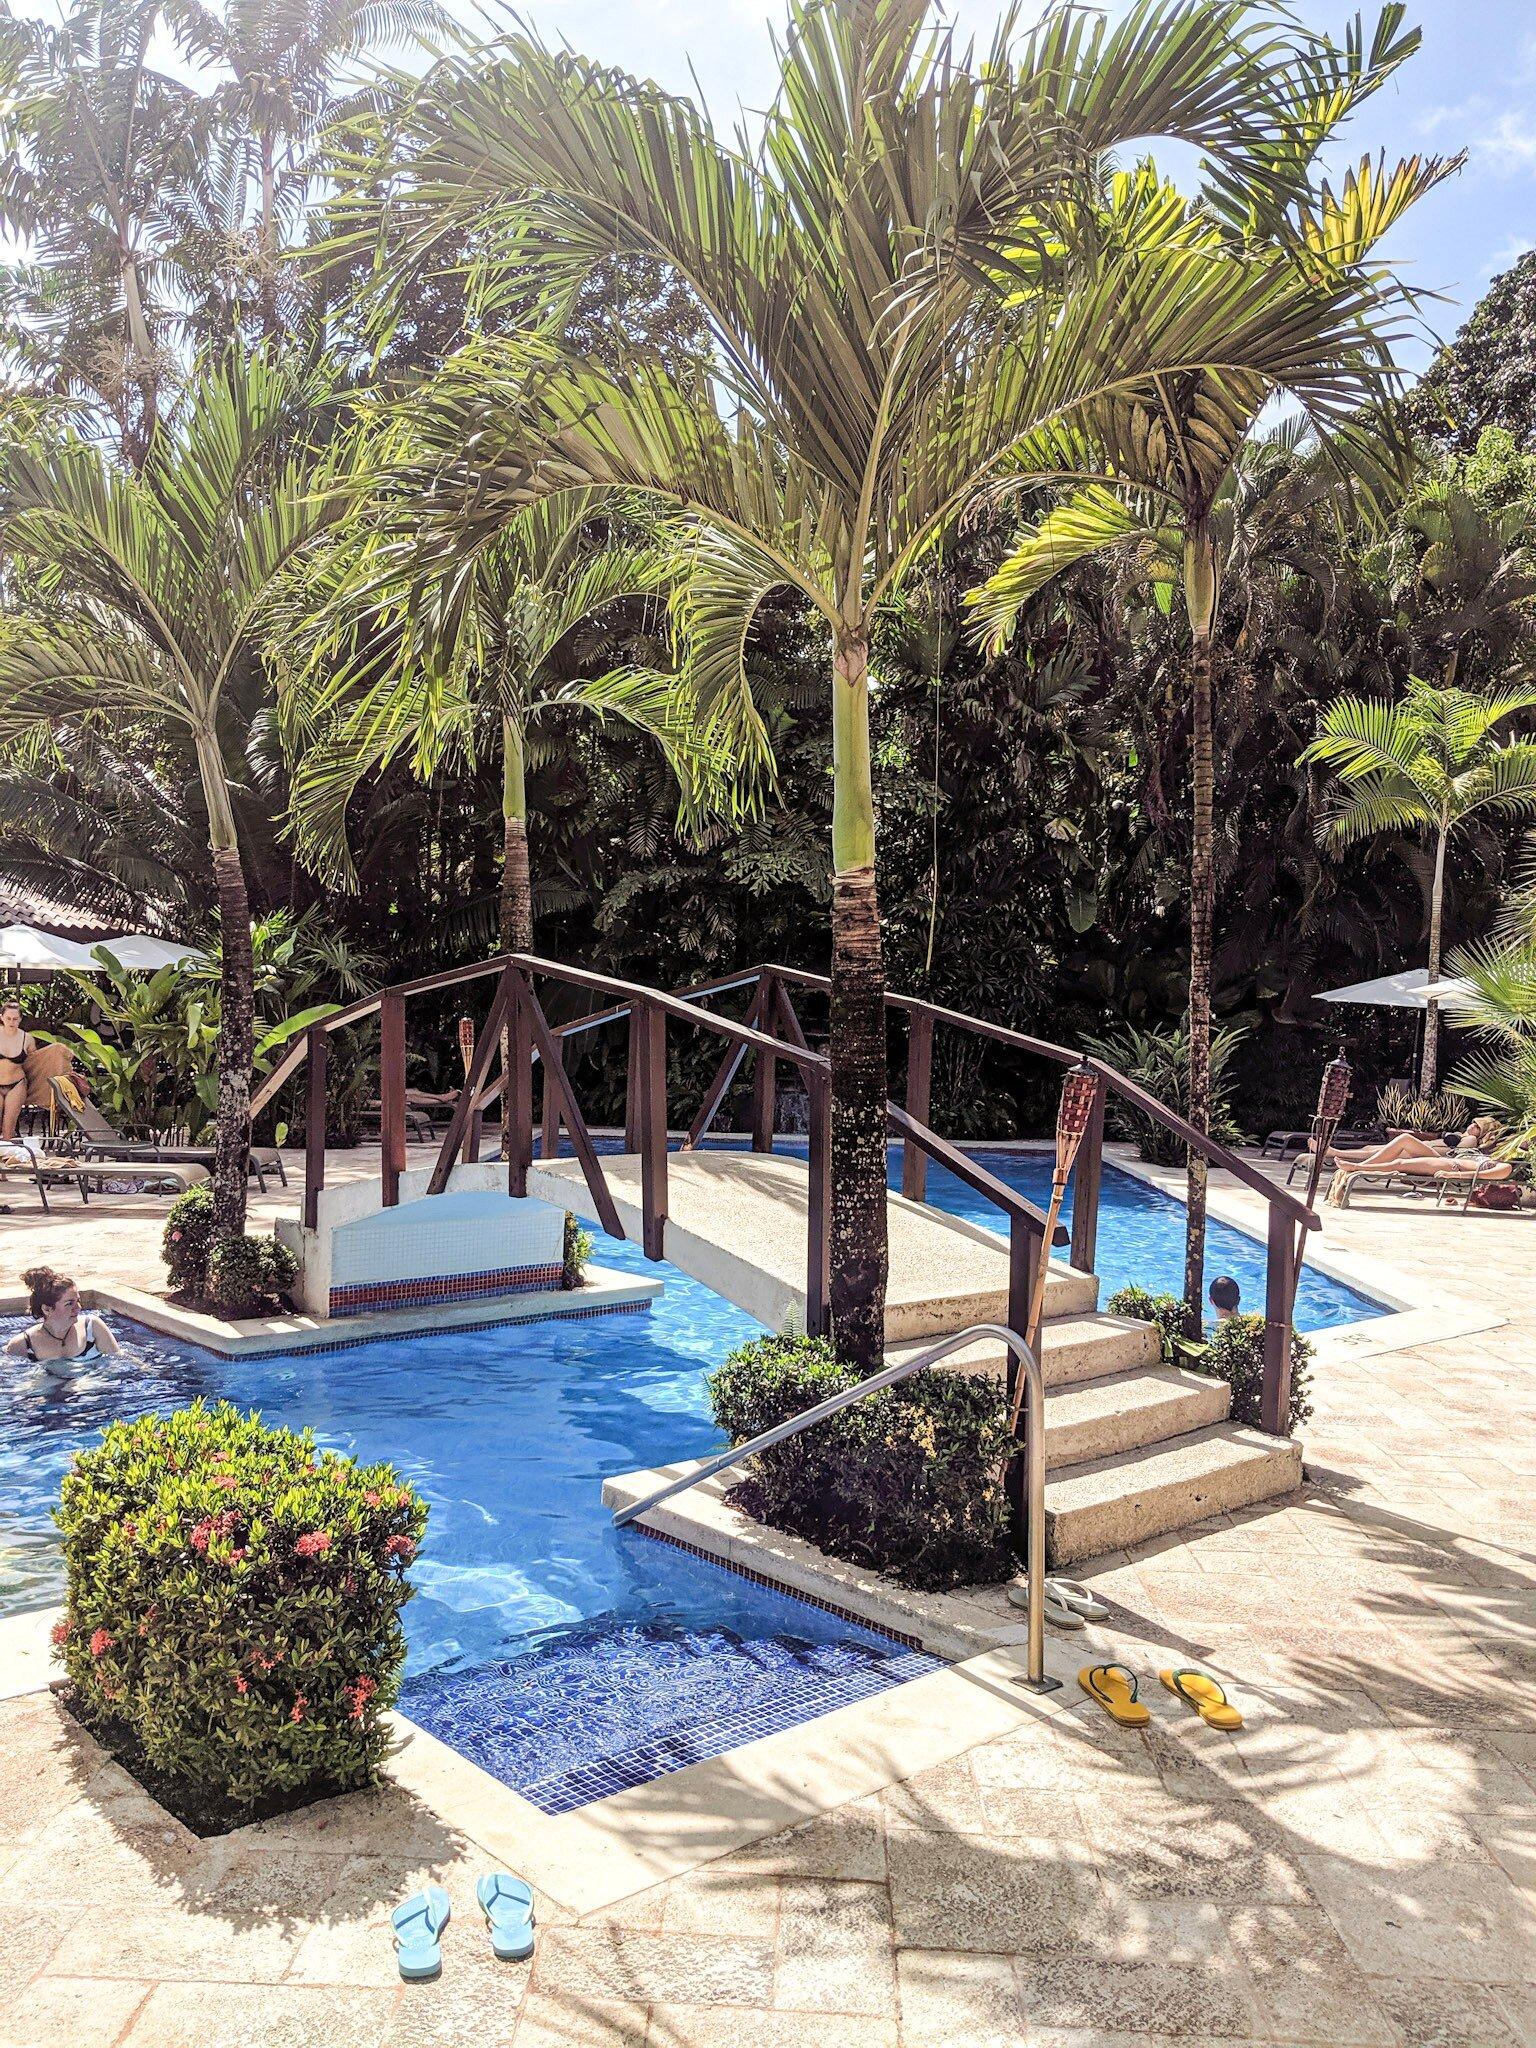 The pool at    Mawamba Lodge